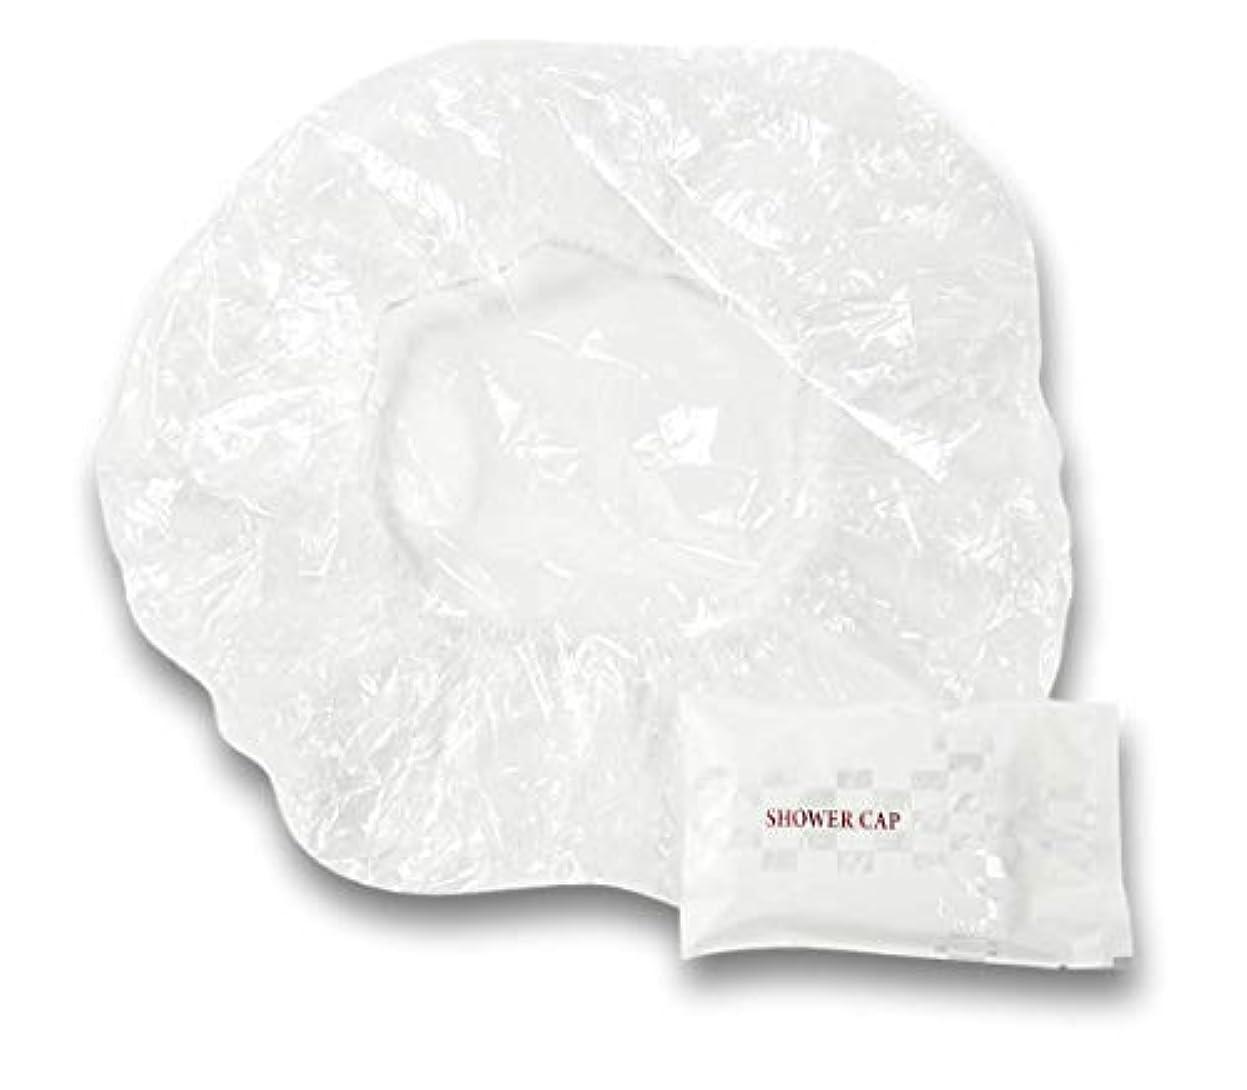 抵抗する価値のない月ラティス シャワーキャップ 業務用 個別包装100入り 使い捨てキャップ